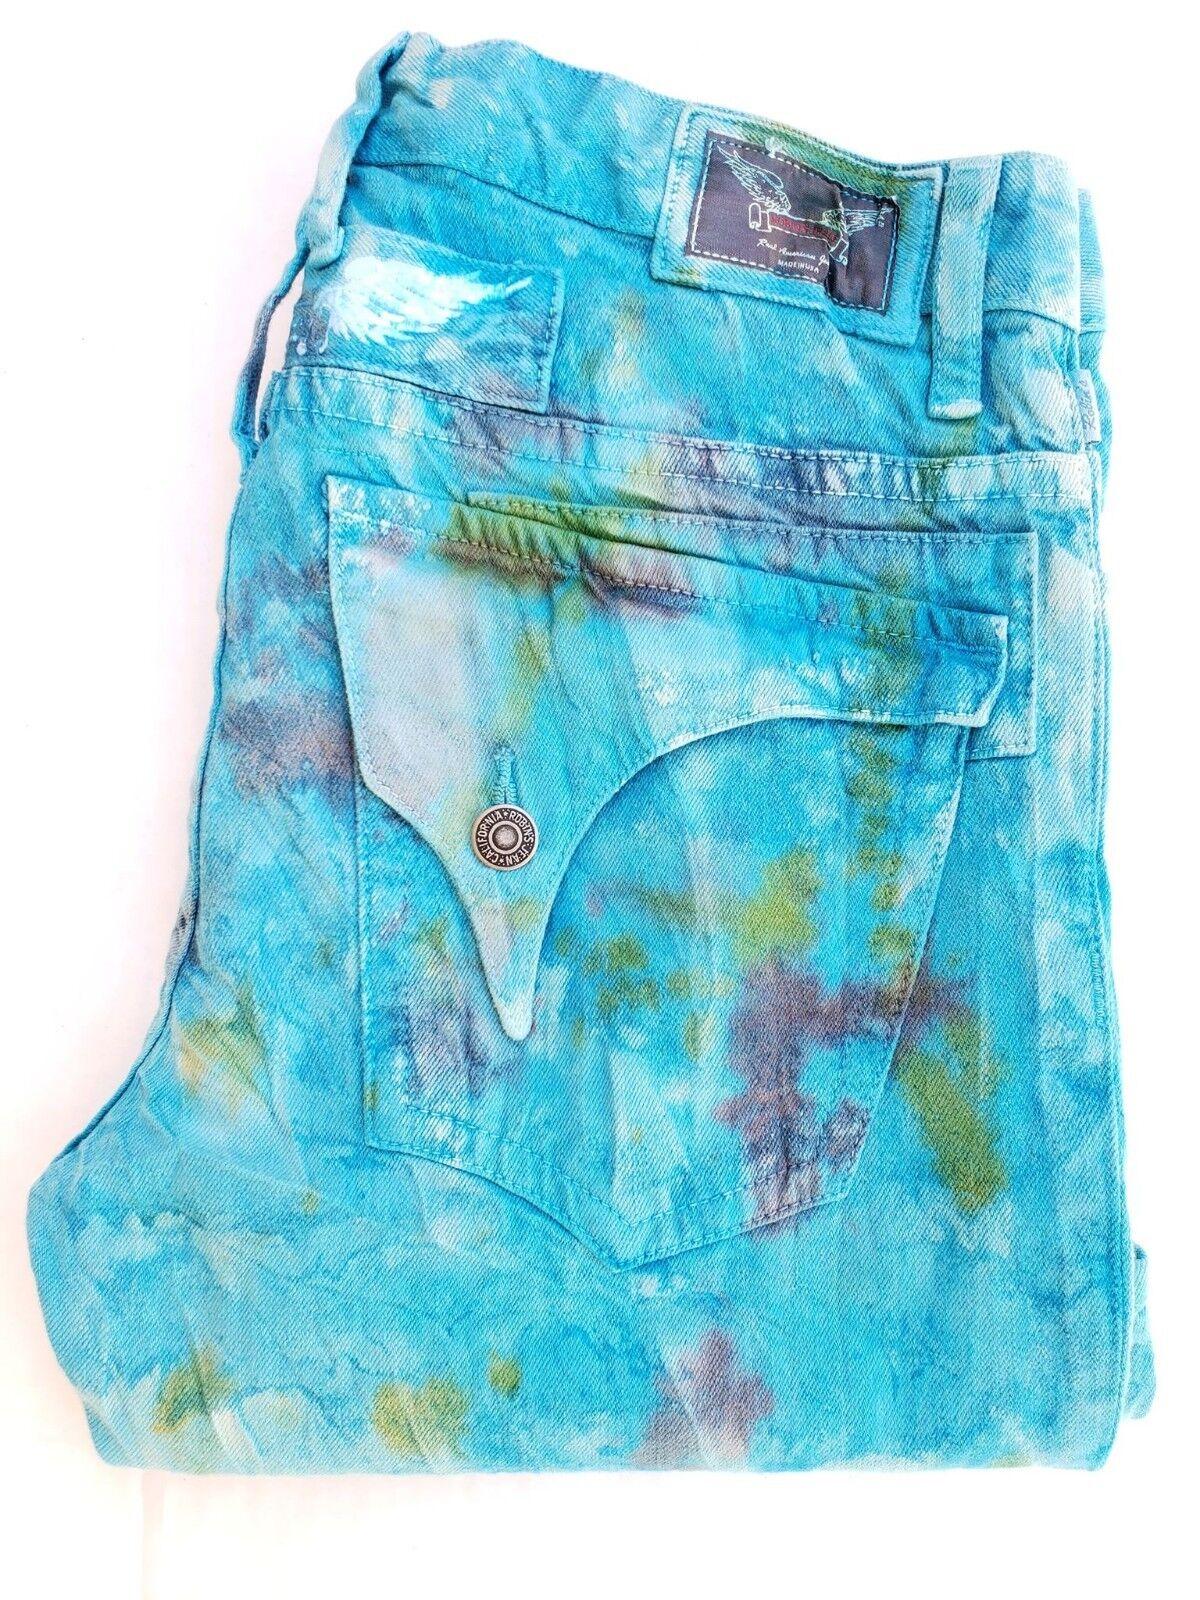 Neu Herren ROTKEHLCHEN Jeans Größe 38 Gerades Bein Jeans Blau Barcelona Waschen